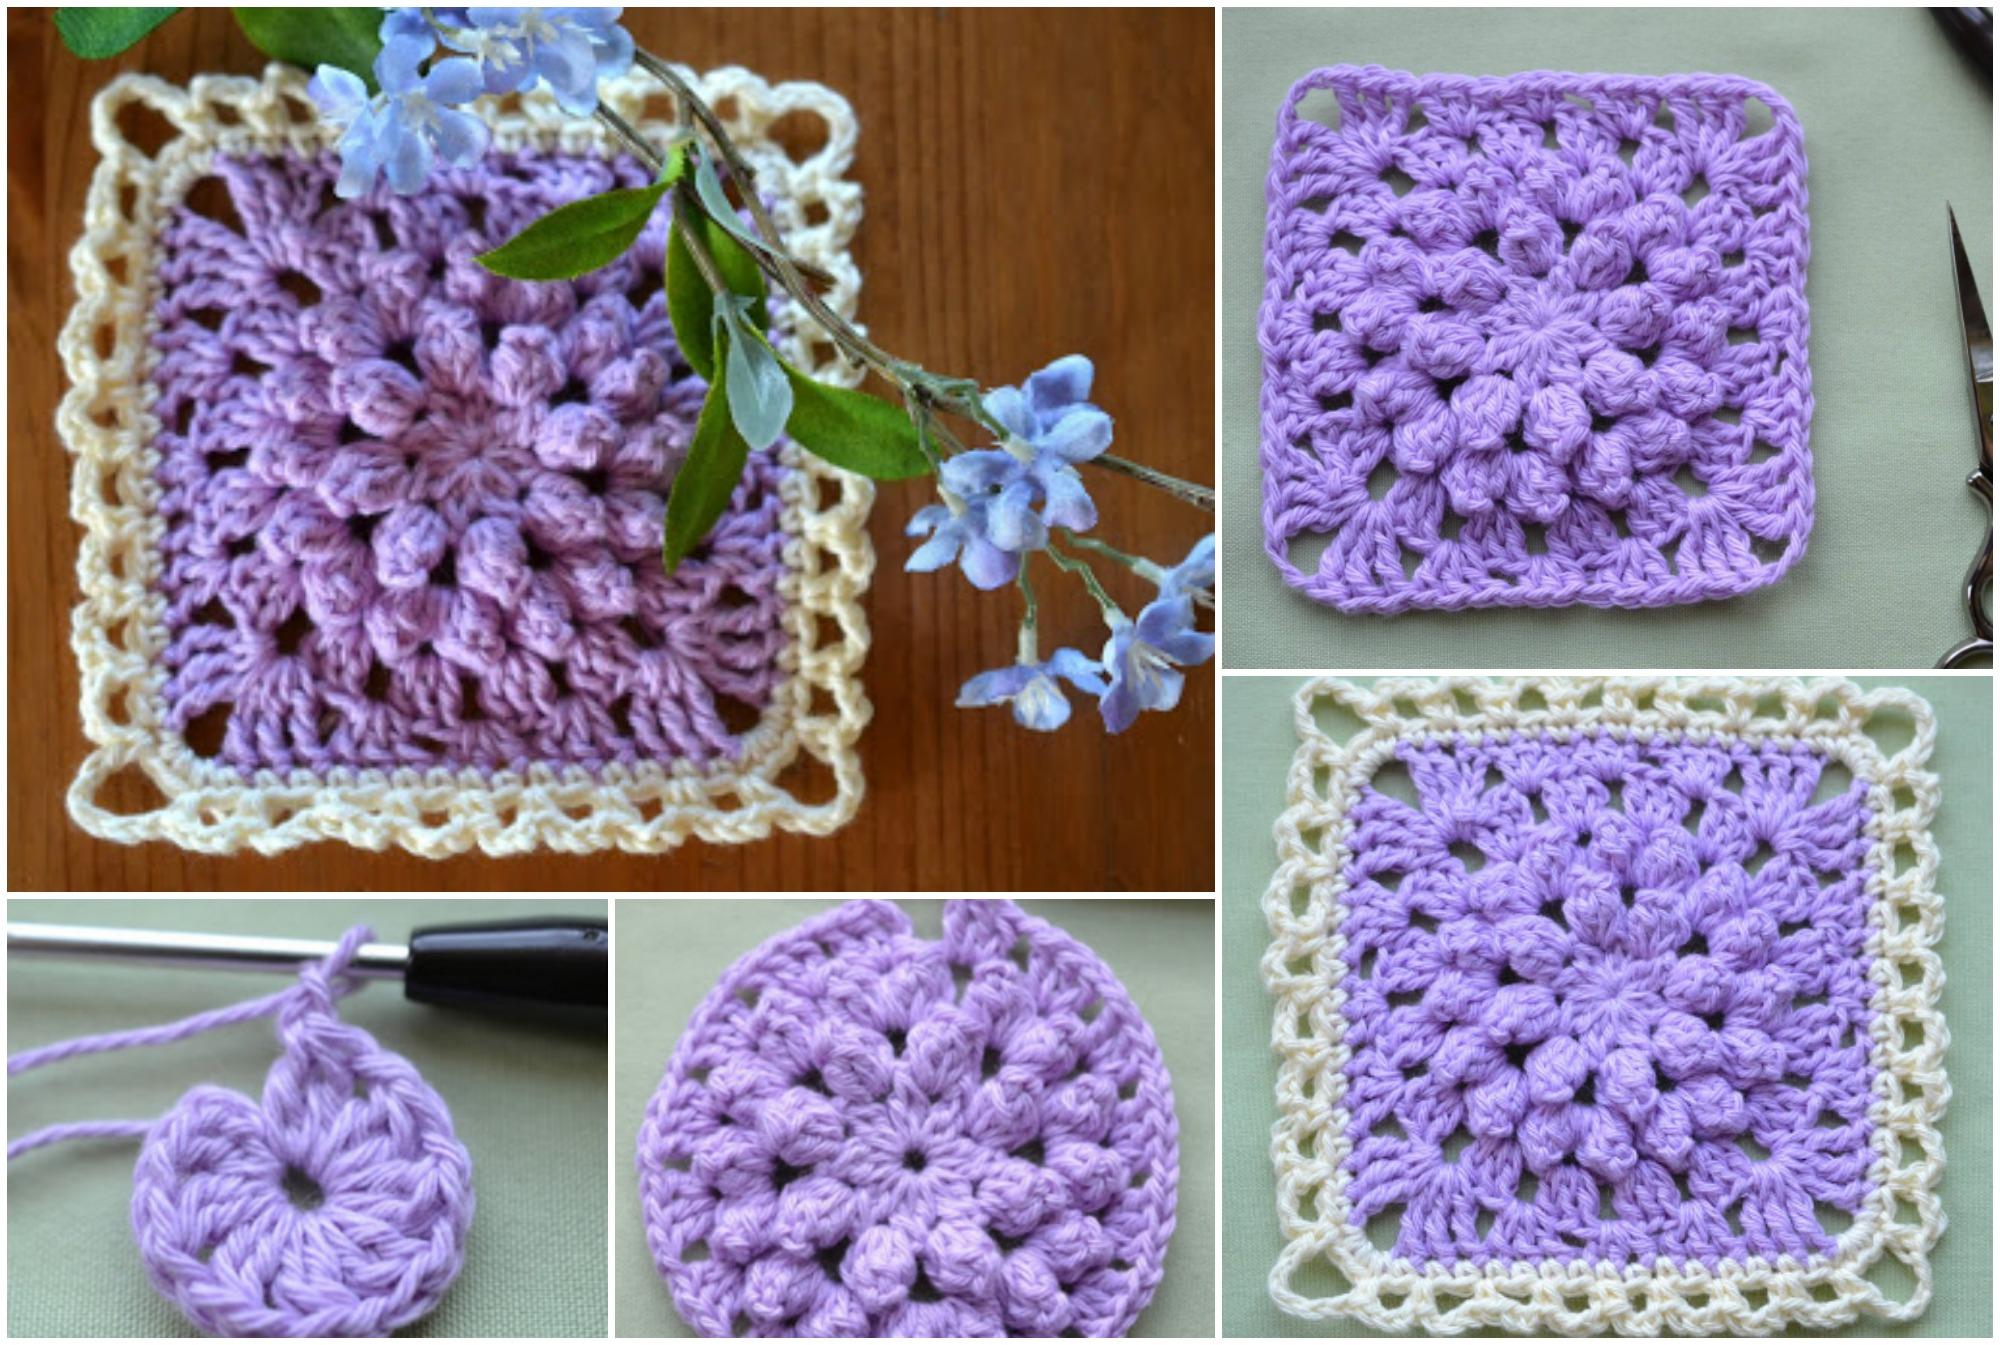 Popcorn Stitch Granny Square Crochet Ideas